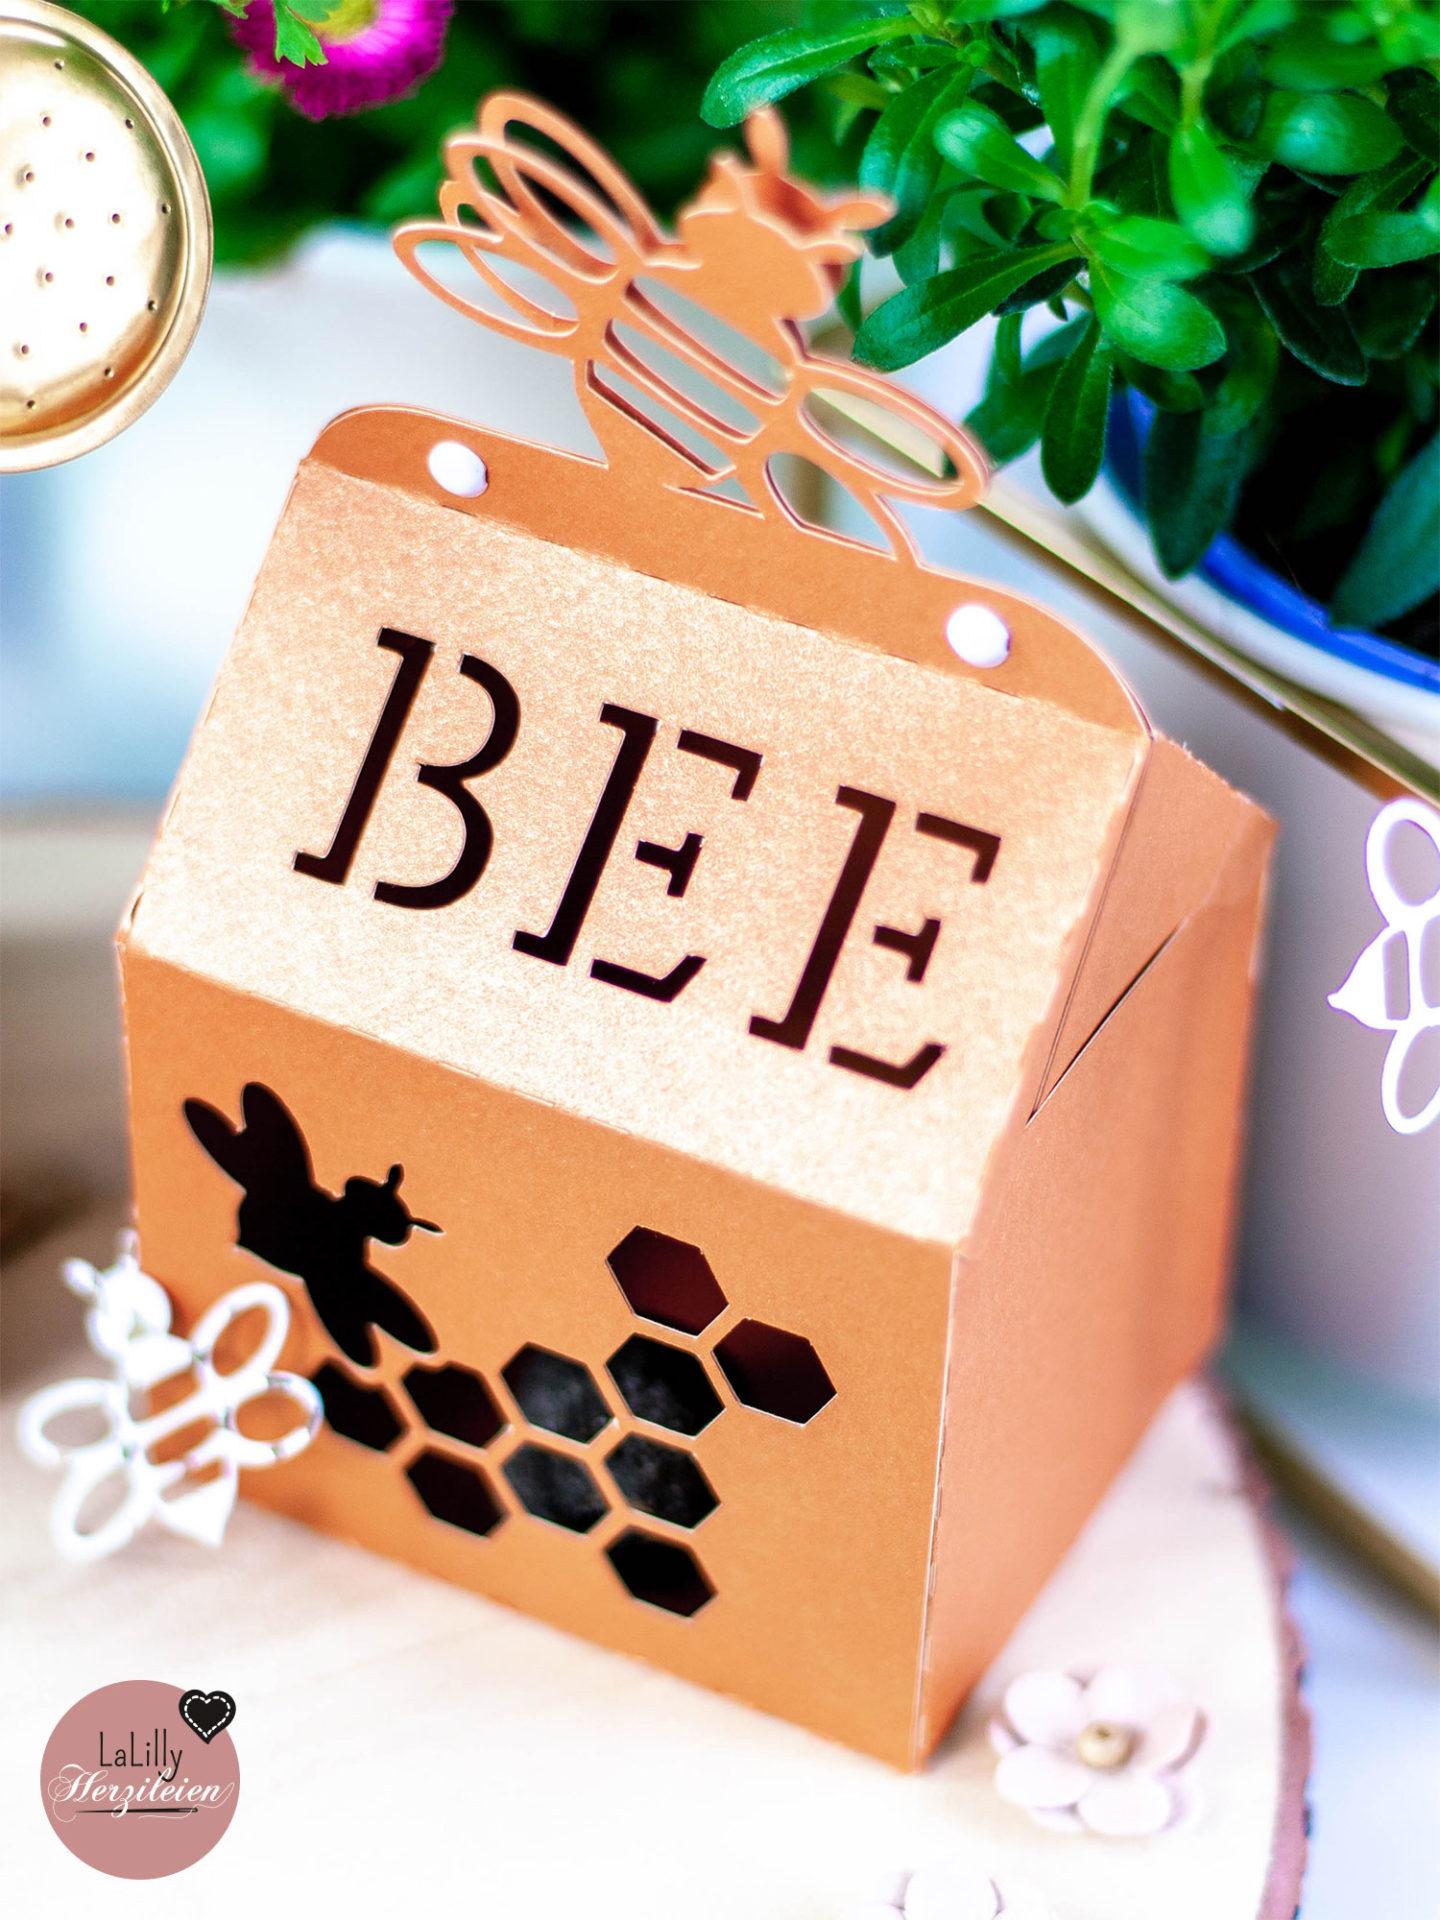 Die Anzahl der Bienen, besonders wilder Arten, nimmt stetig ab. Auf dieses Thema aufmerksam zu machen, erweckt jedoch schnell das Gefühl eines erhobenen Zeigefingers. Mit einer Bienenretter-Box mit selbstgemachten Seedbombs kannst du dein Anliegen auf nette Art verpacken: Ein einfaches Mitbringsel für Freunde und Bekannte mit Garten, um sie zu sensibilisieren und den Spaß an der Insektenfreundlichen Gartengestaltung zu wecken!Die Anzahl der Bienen, besonders wilder Arten, nimmt stetig ab. Auf dieses Thema aufmerksam zu machen, erweckt jedoch schnell das Gefühl eines erhobenen Zeigefingers. Mit einer Bienenretter-Box mit selbstgemachten Seedbombs kannst du dein Anliegen auf nette Art verpacken: Ein einfaches Mitbringsel für Freunde und Bekannte mit Garten, um sie zu sensibilisieren und den Spaß an der Insektenfreundlichen Gartengestaltung zu wecken!